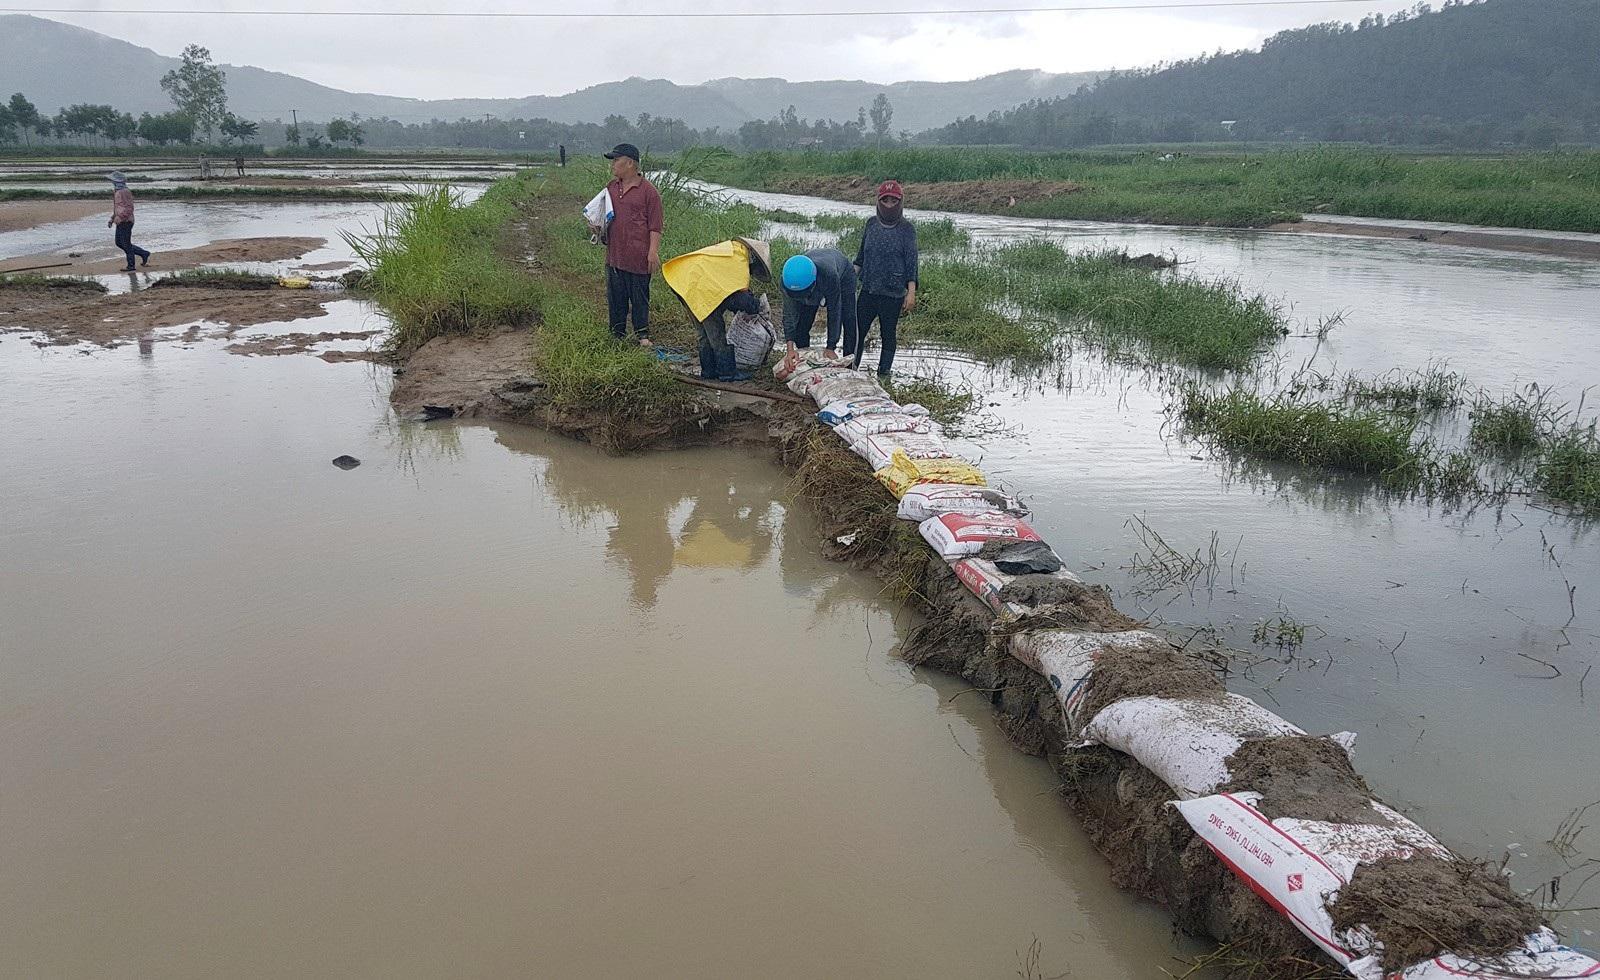 Hơn 330 tấn lúa giống đành đổ bỏ vì mưa lũ - Ảnh 4.